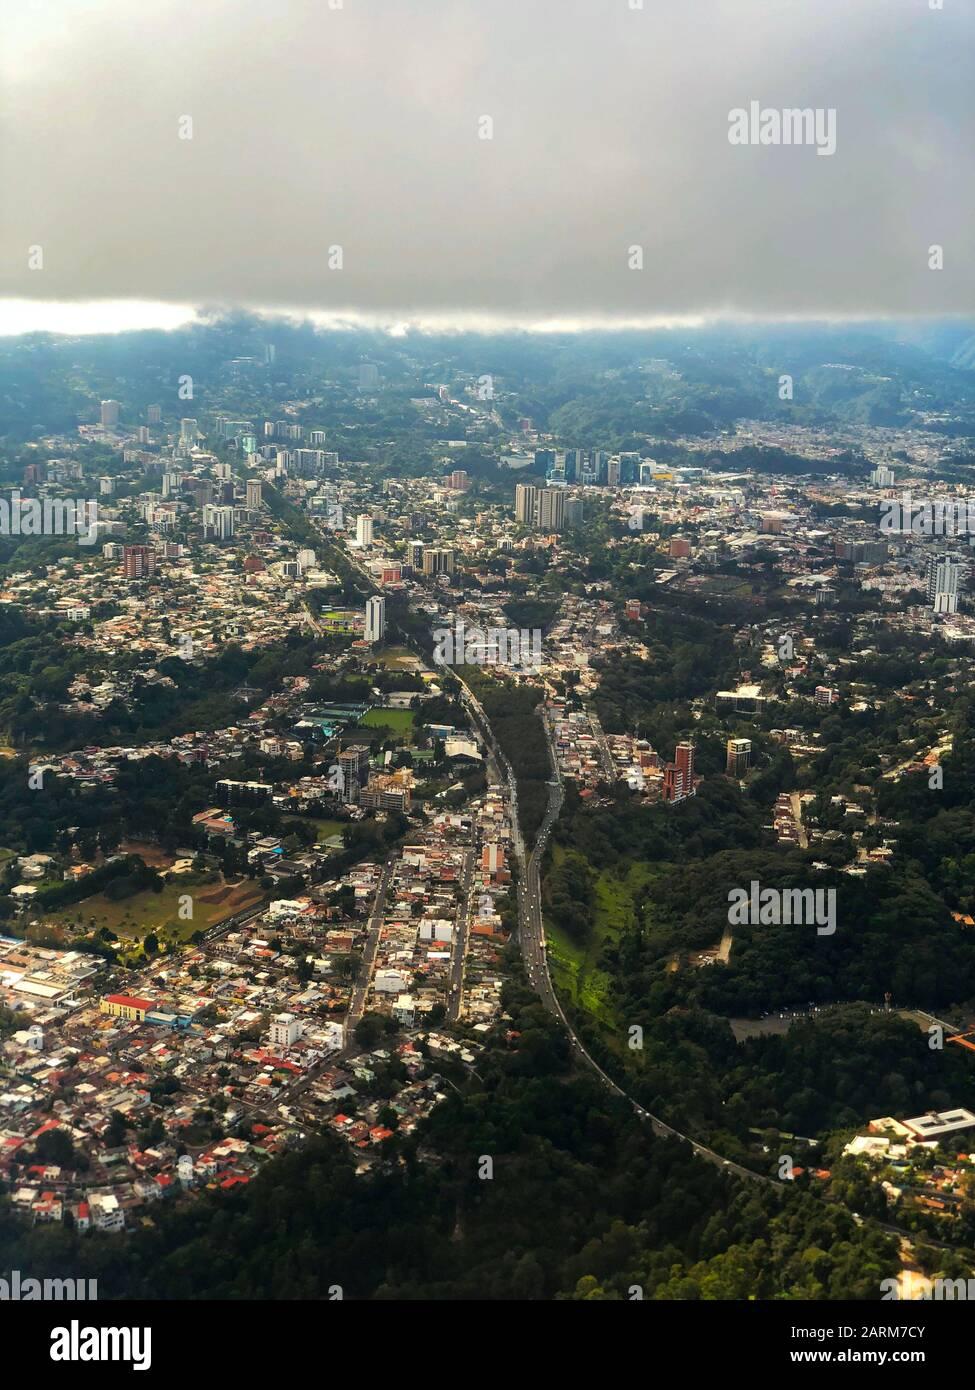 Vue aérienne de la ville de Guatemala Banque D'Images